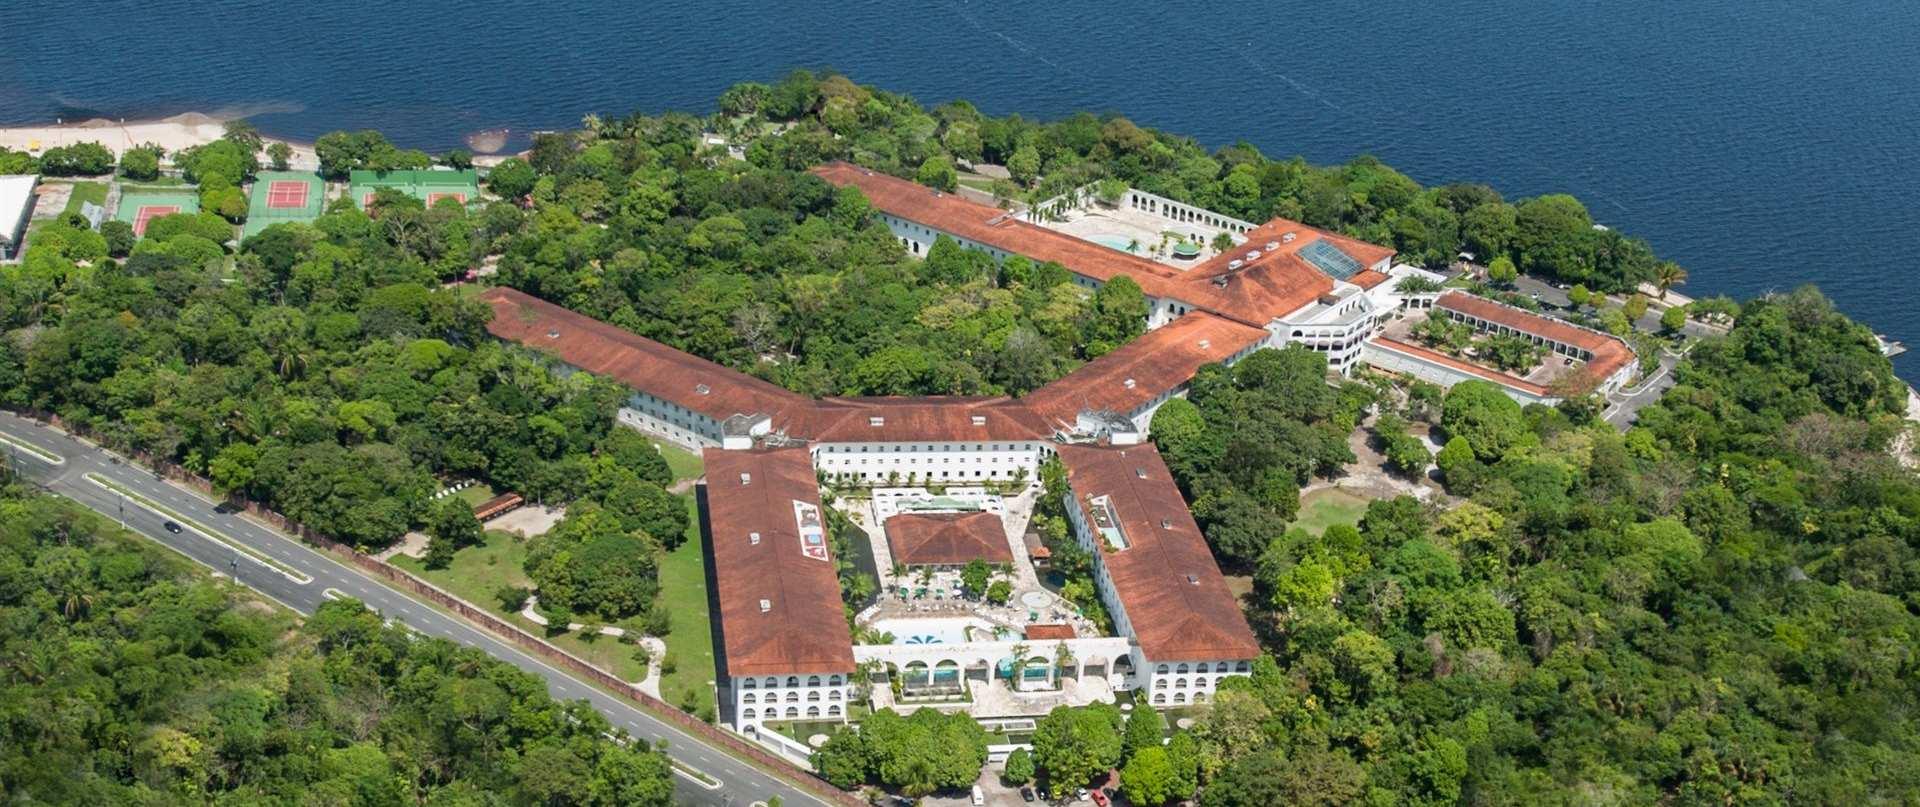 Brazil-Beach-House-Tropical-Manaus.jpg